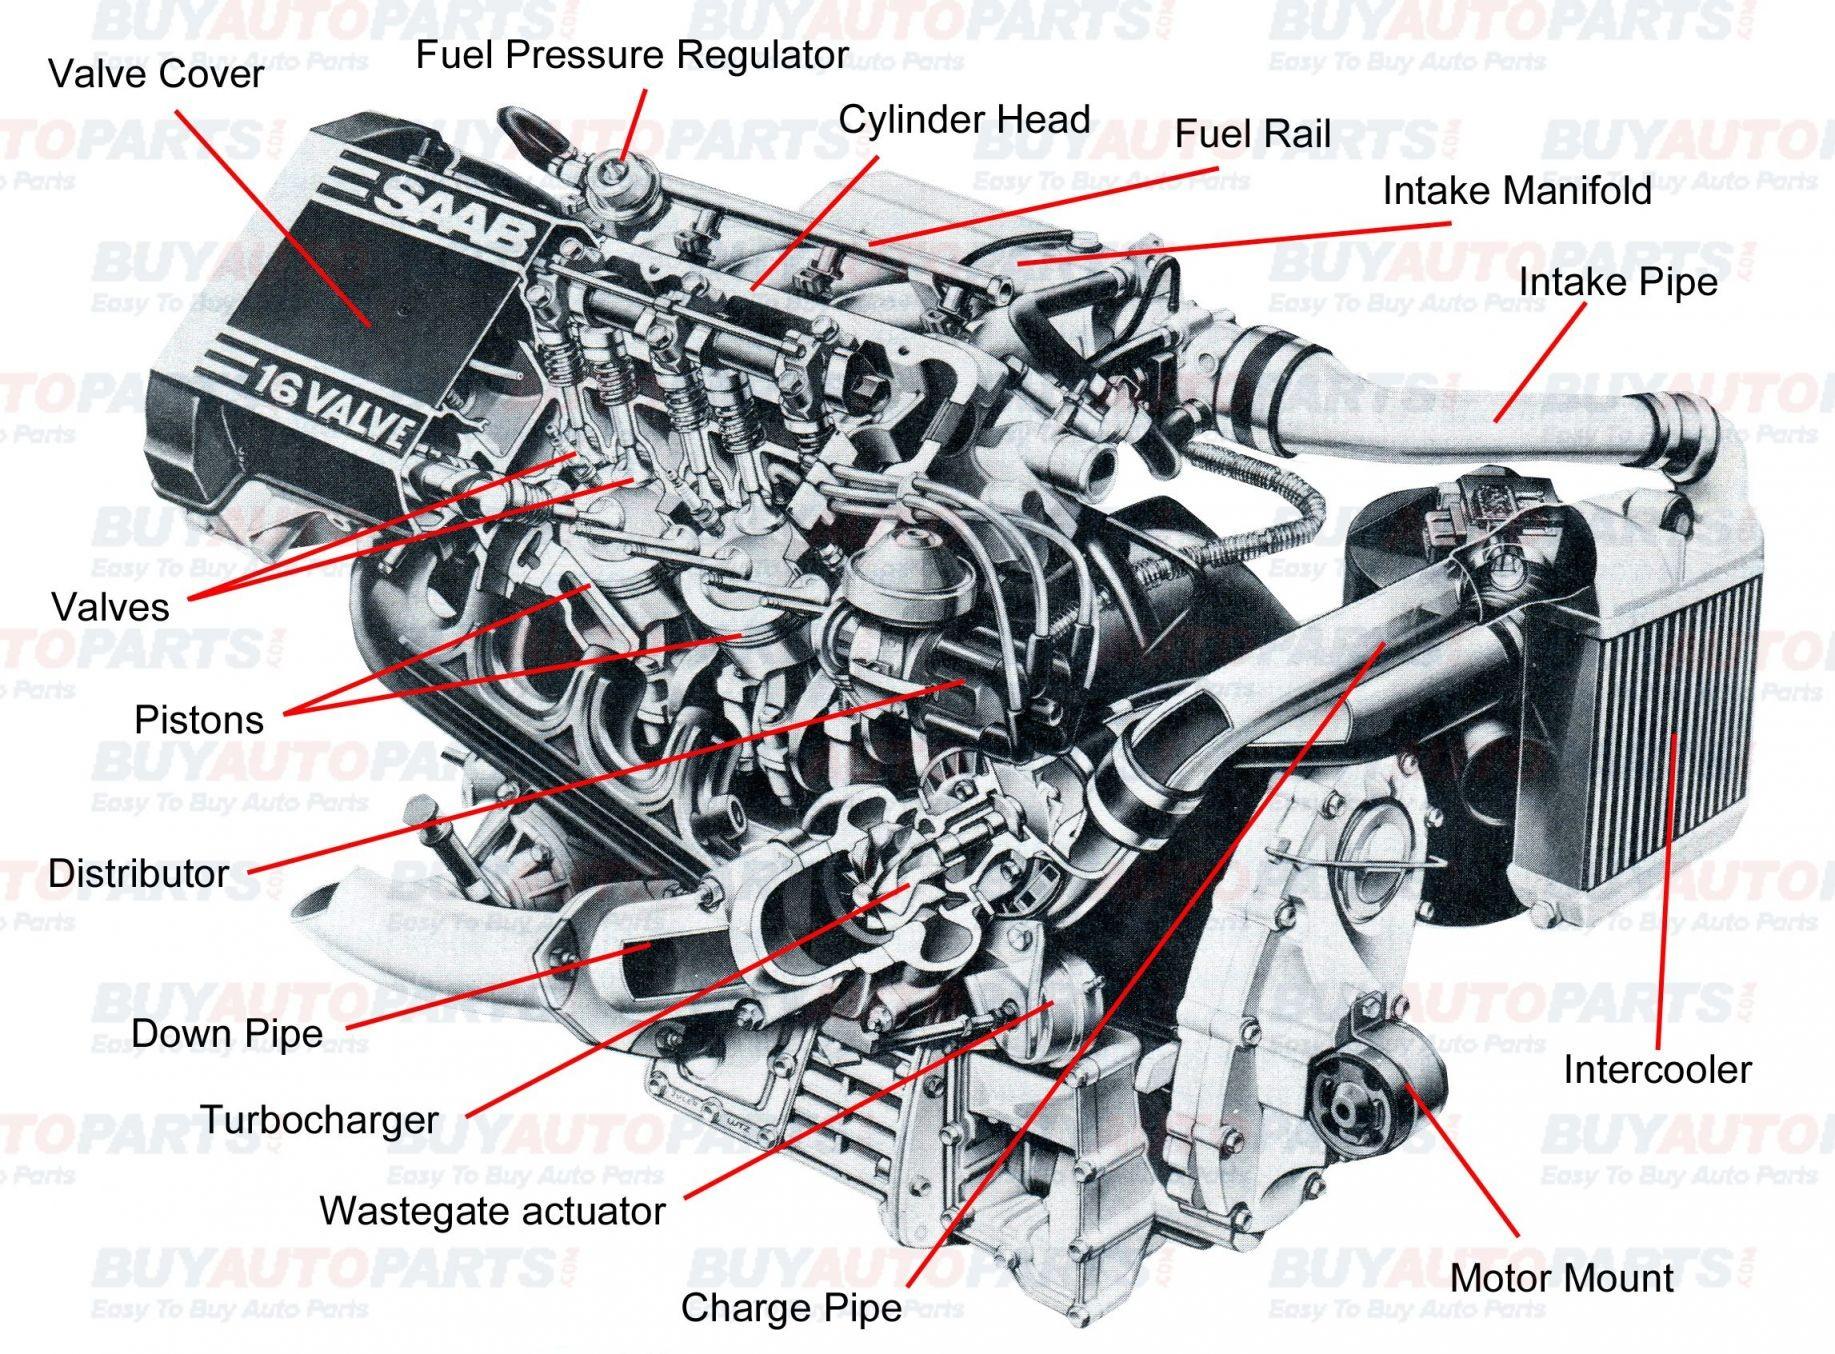 Ion Engine Diagram 1999 Pontiac Grand Am Fuse Unique Internal Parts A Car Et65 Documentaries For Change Of